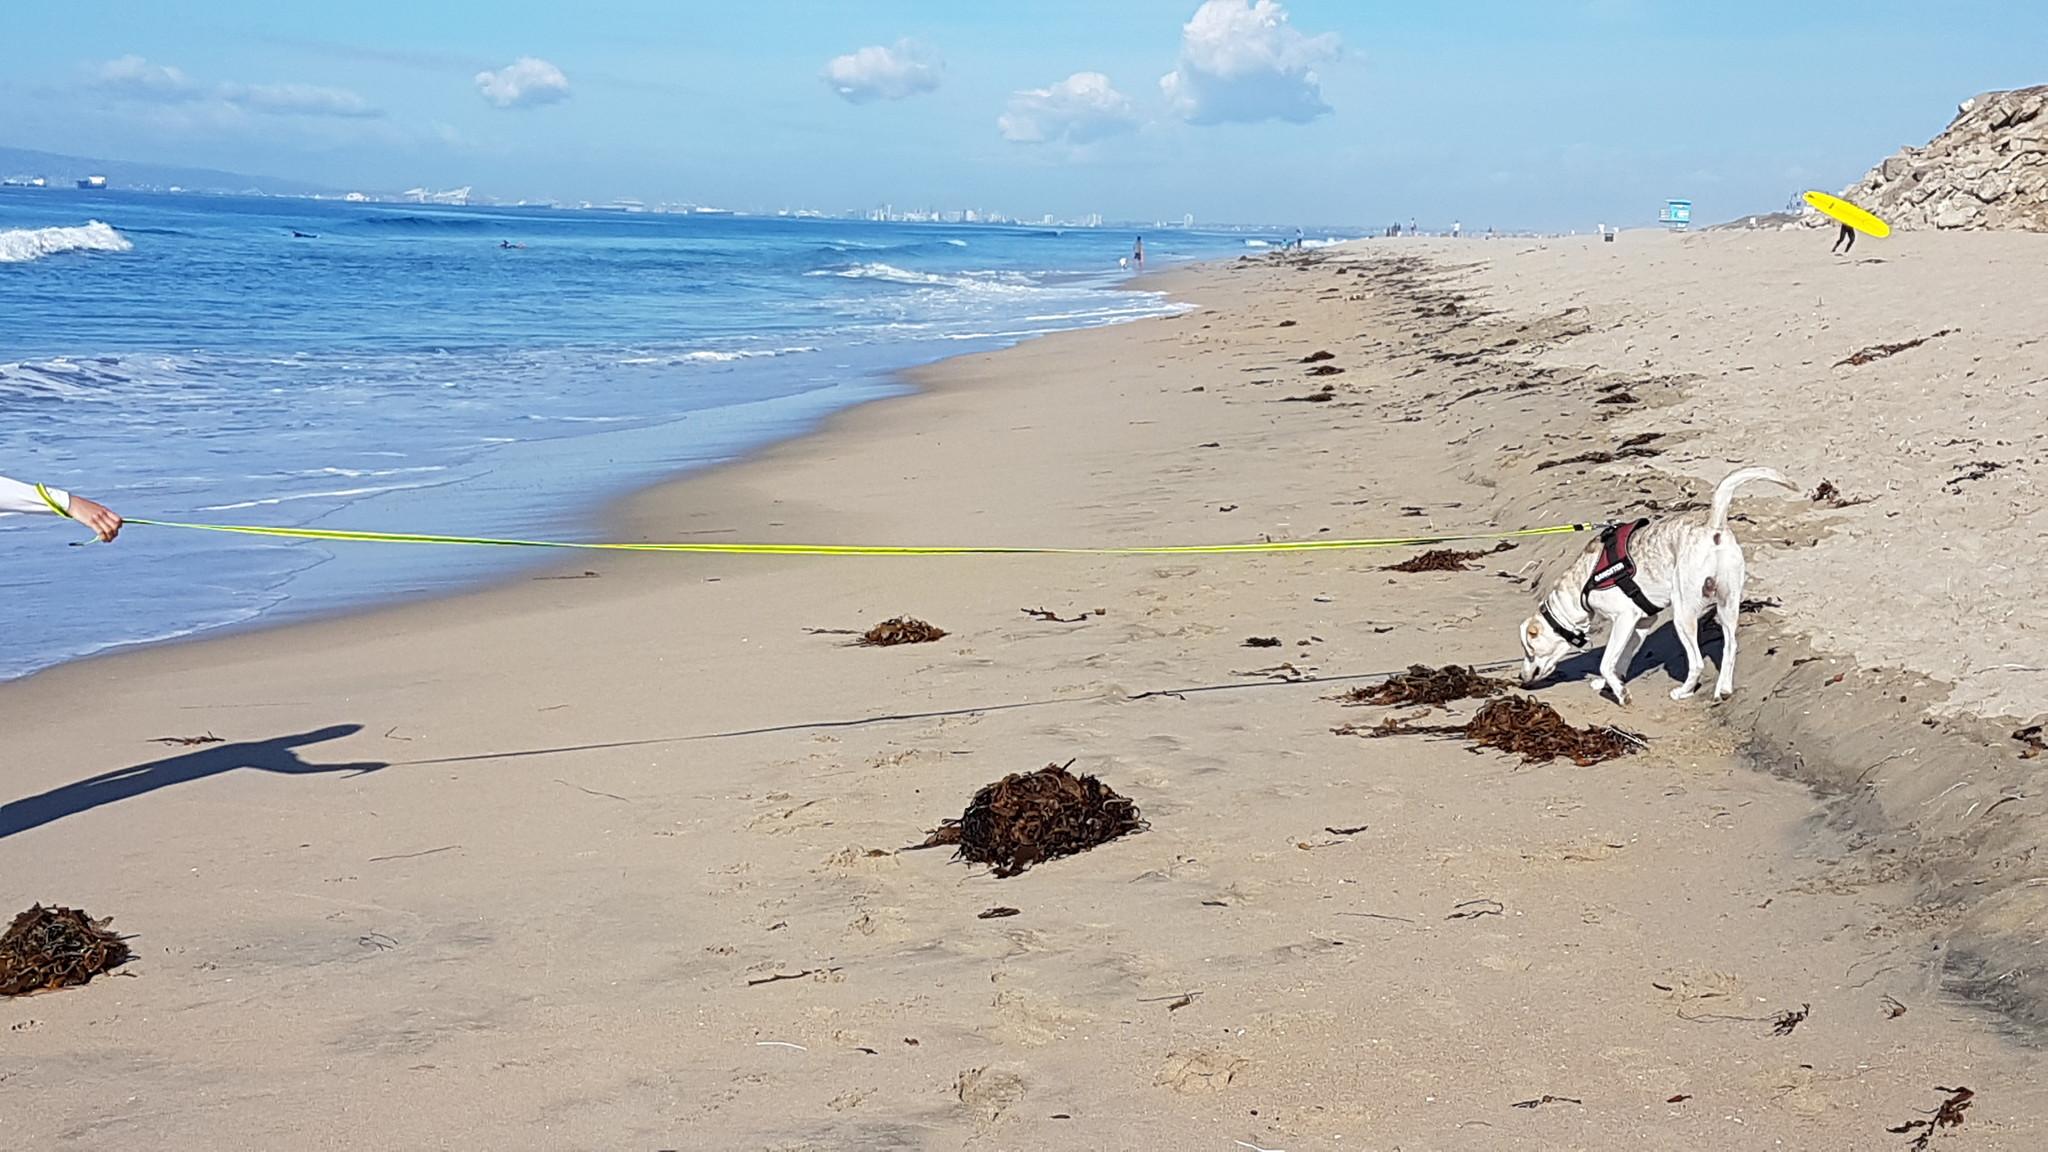 Goofy_Dog-beach_Huntington_beach